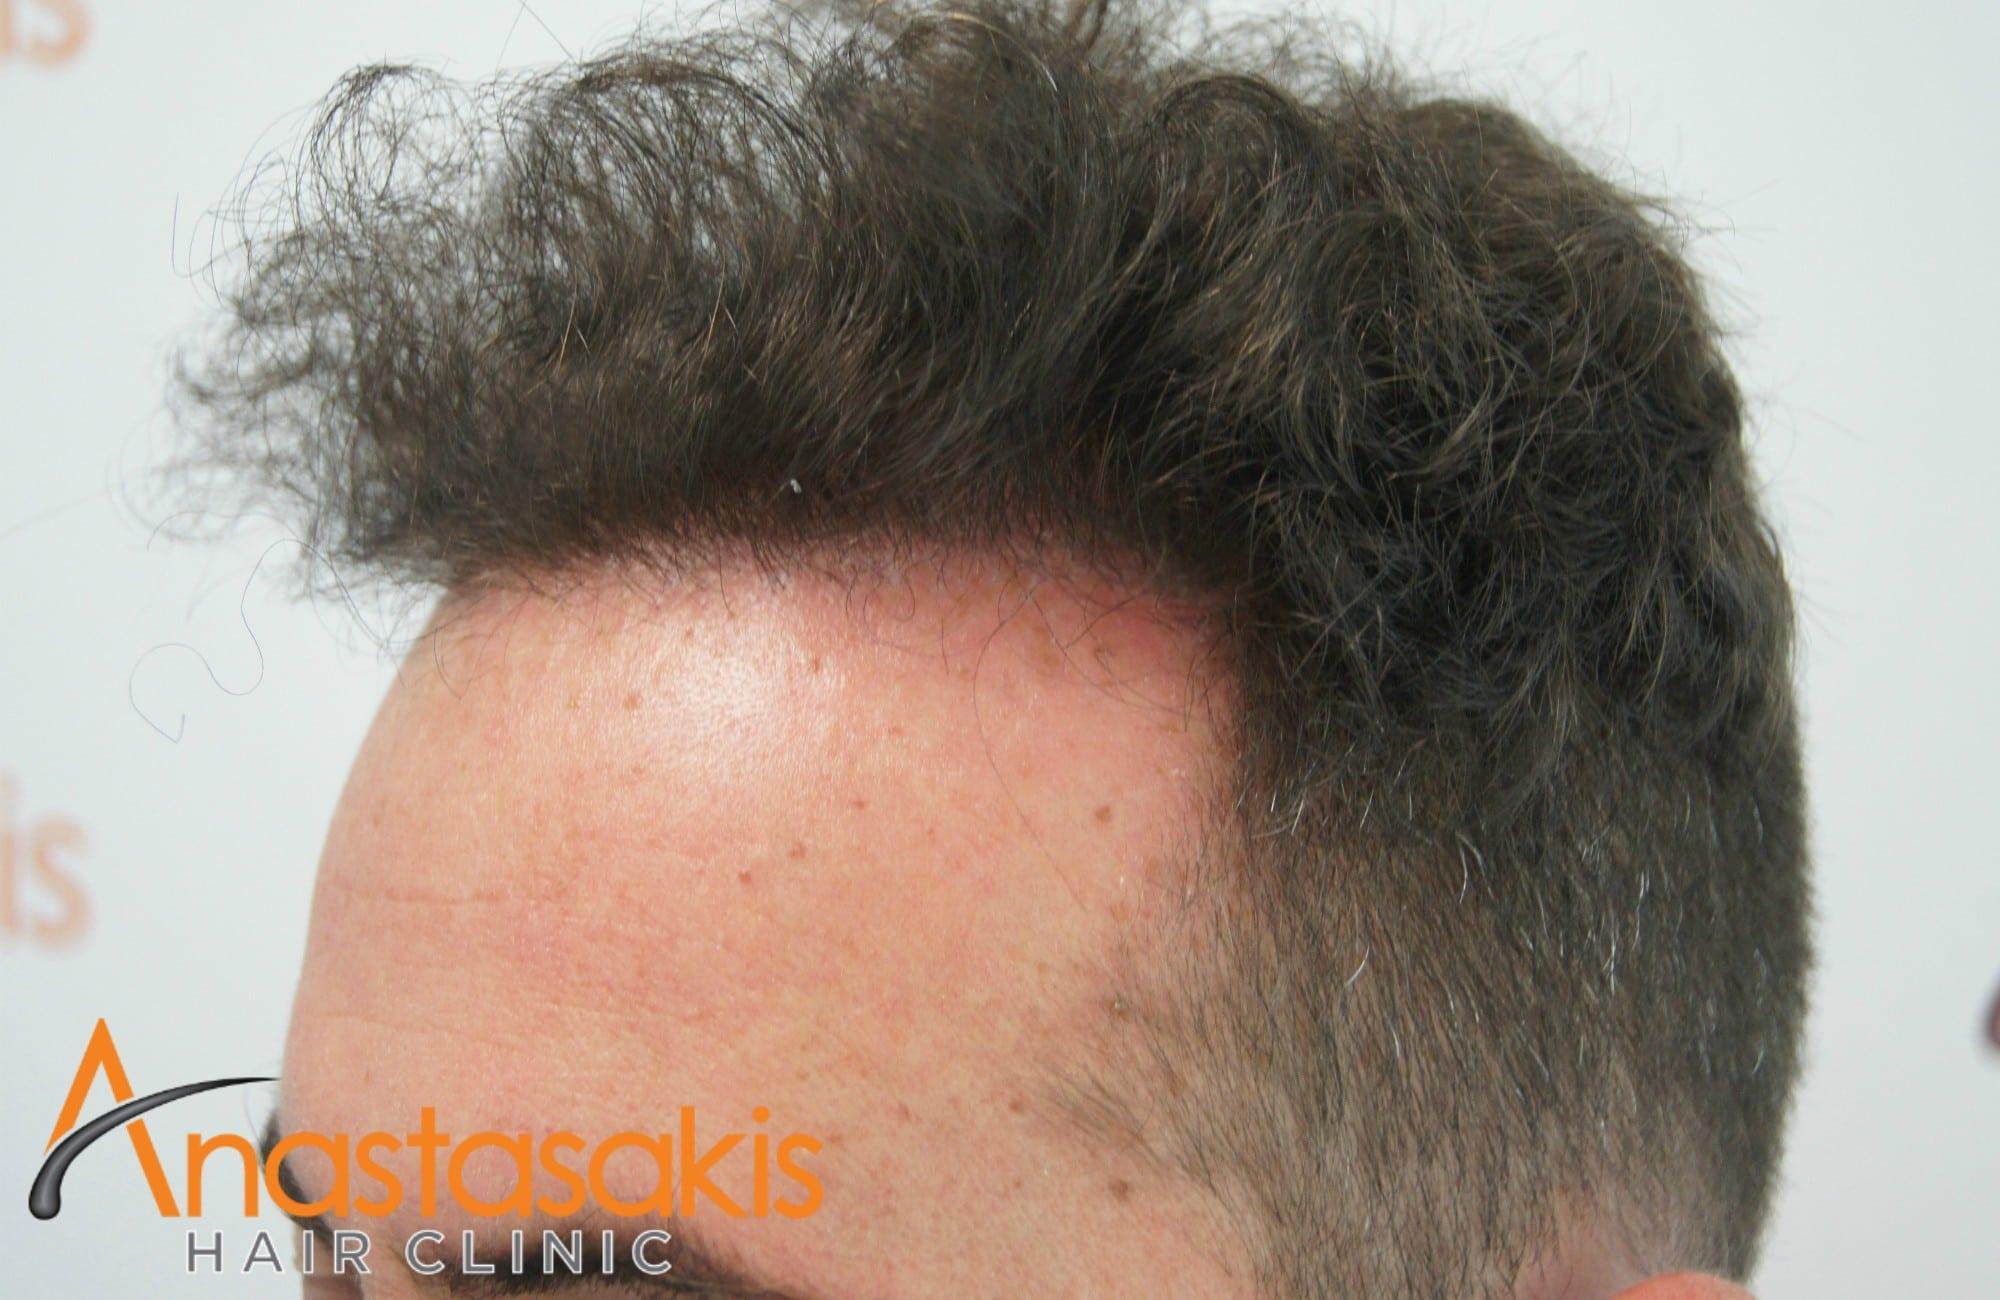 ασθενης μετα τη μεταμοσχευση μαλλιων με 2000fus δεξι προφιλ 2